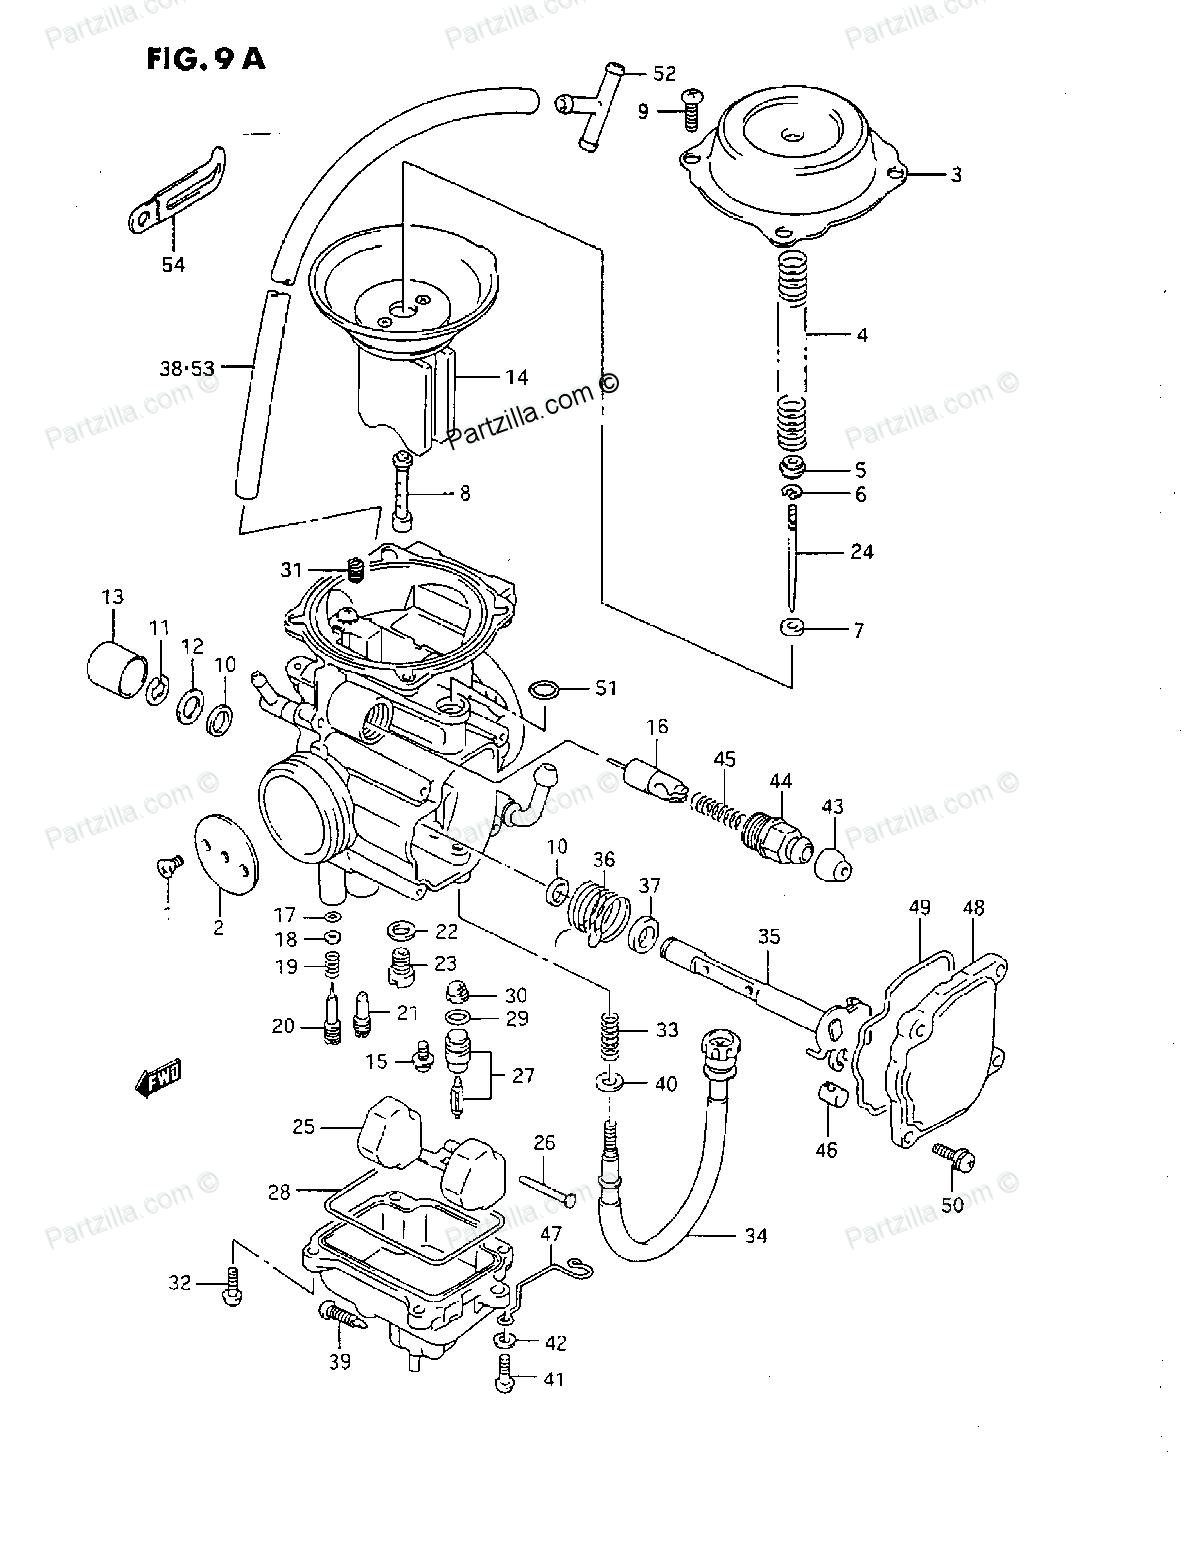 2005 suzuki gsxr 600 wiring diagram 2001 suzuki gsxr 1000 wiring diagram image details  2001 suzuki gsxr 1000 wiring diagram